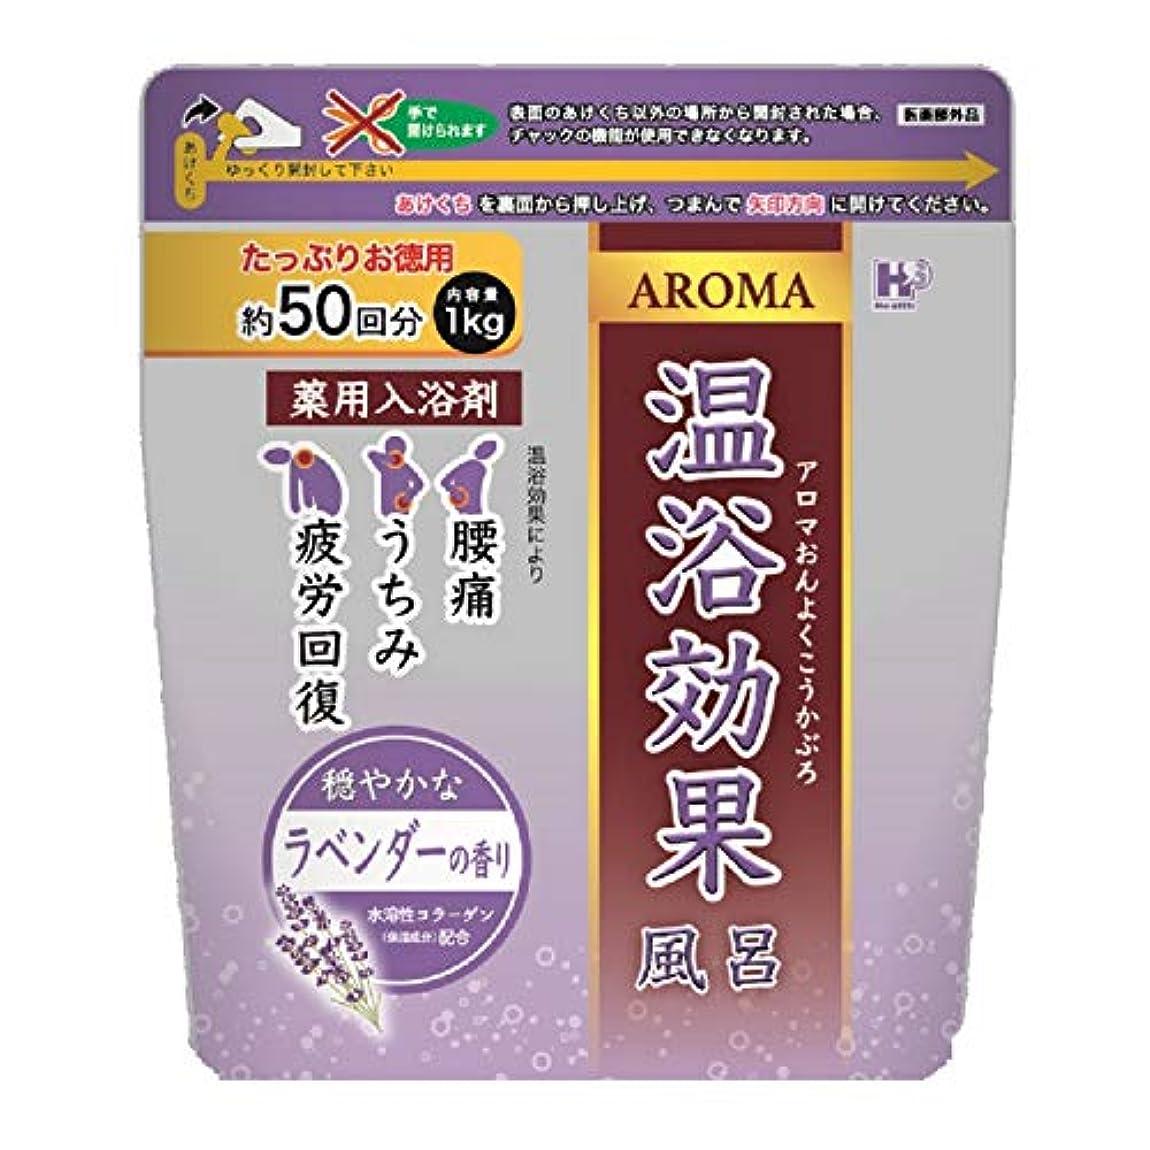 リズミカルな甘味写真アロマ温浴効果風呂 ラベンダー 1kg